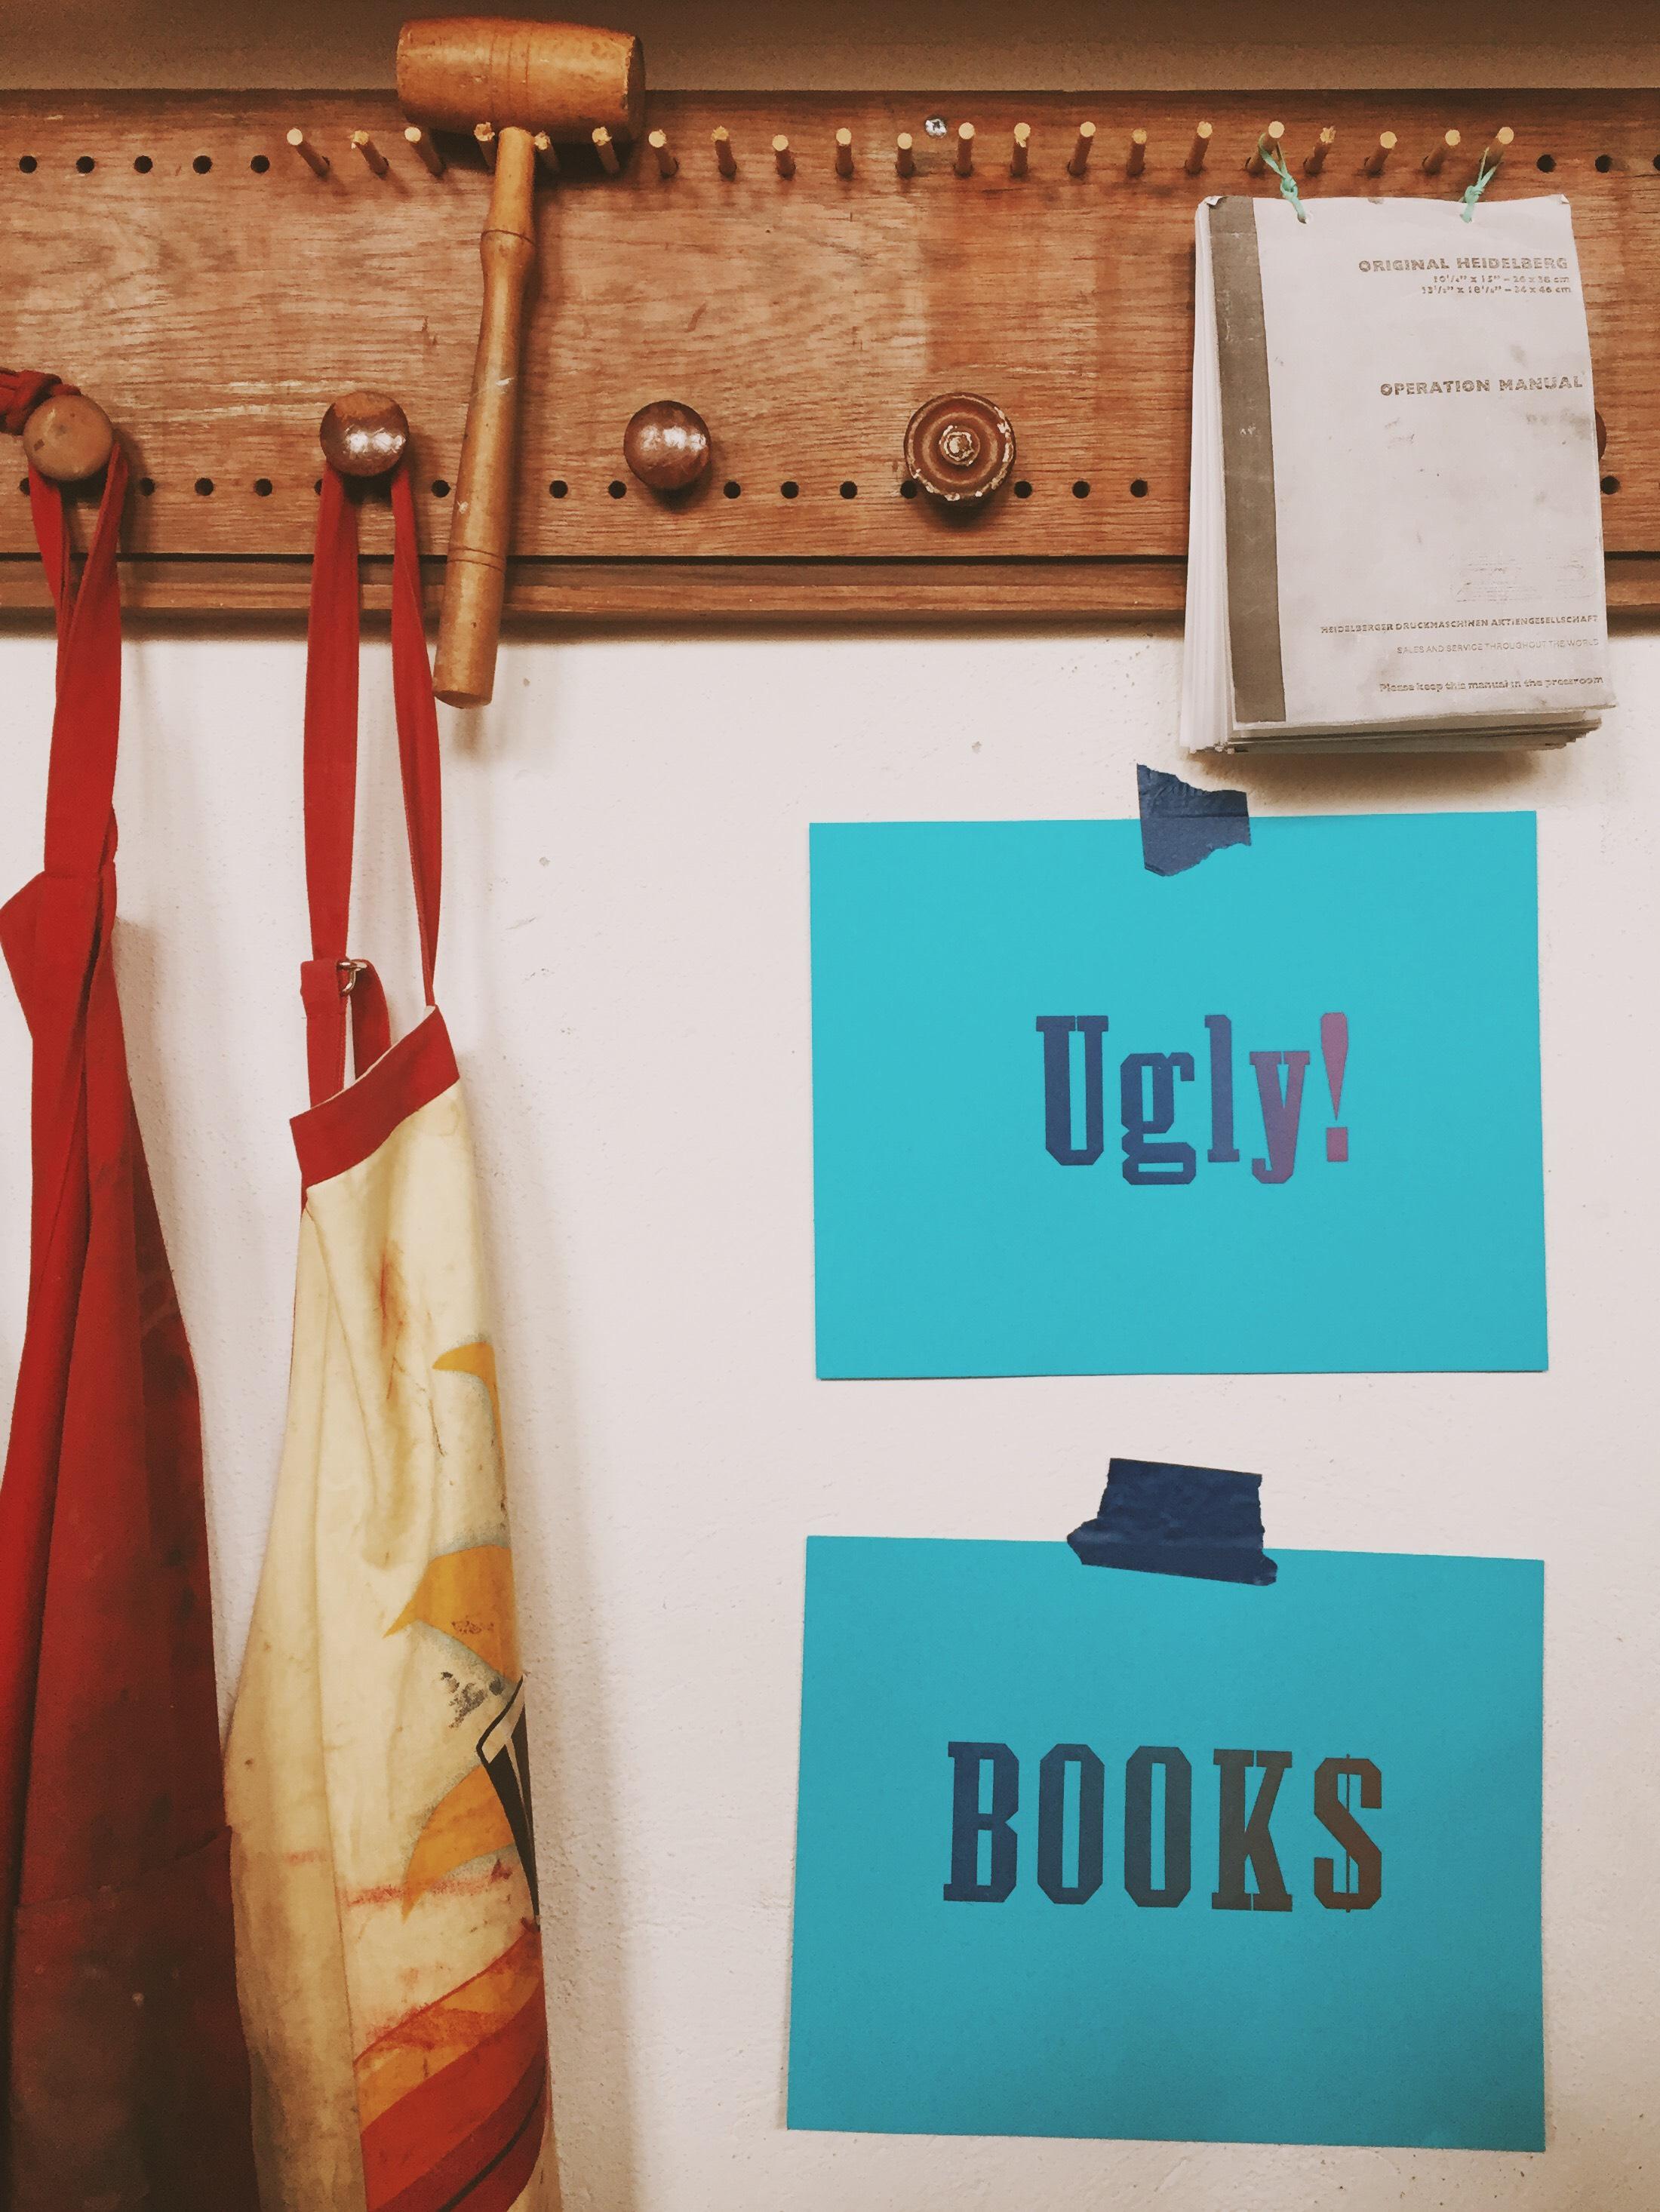 Ugly!_Books.jpg